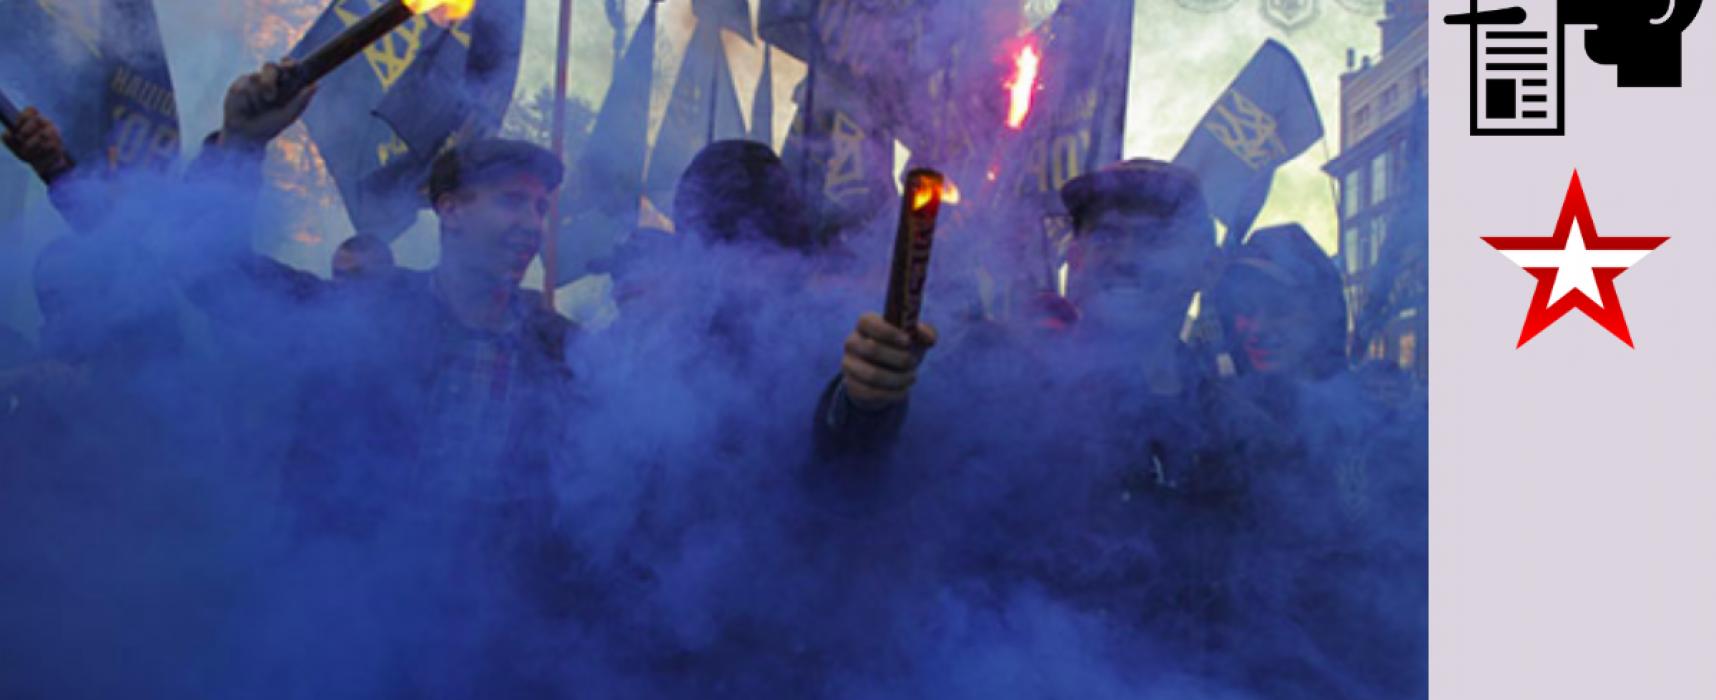 Falso: La ONU constató que Ucrania es el país más peligroso del mundo